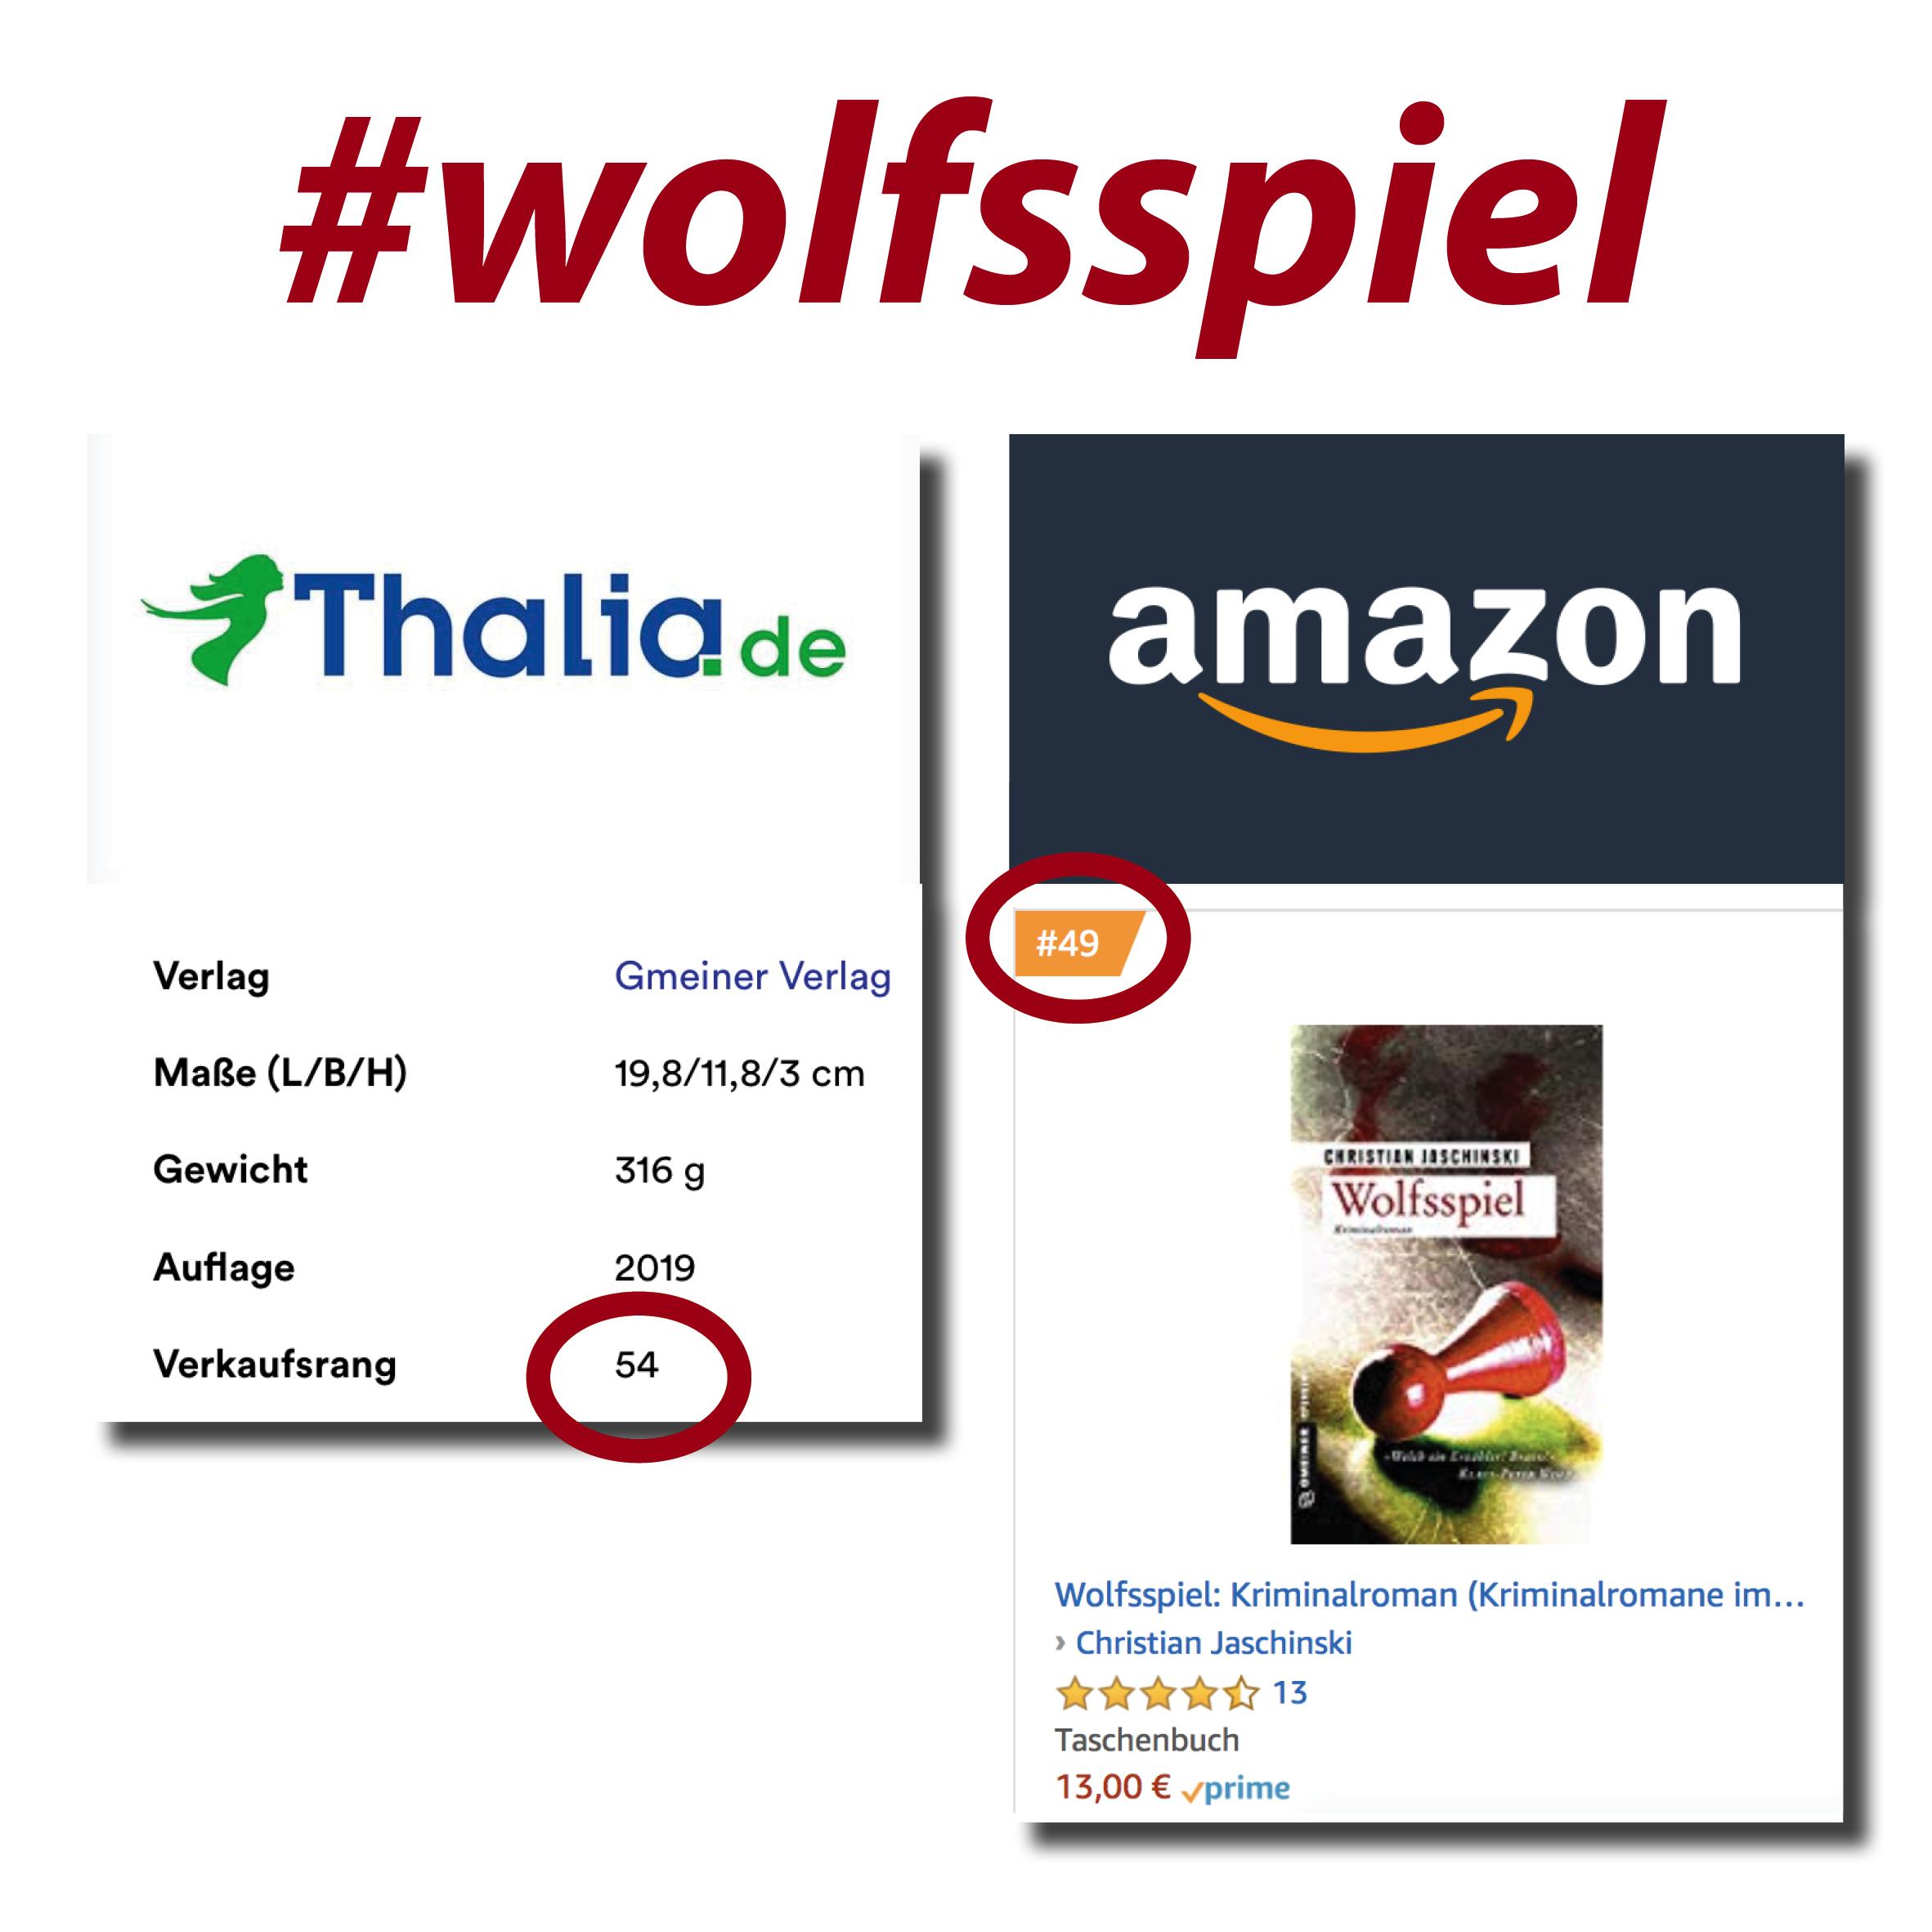 Wolfsspiele